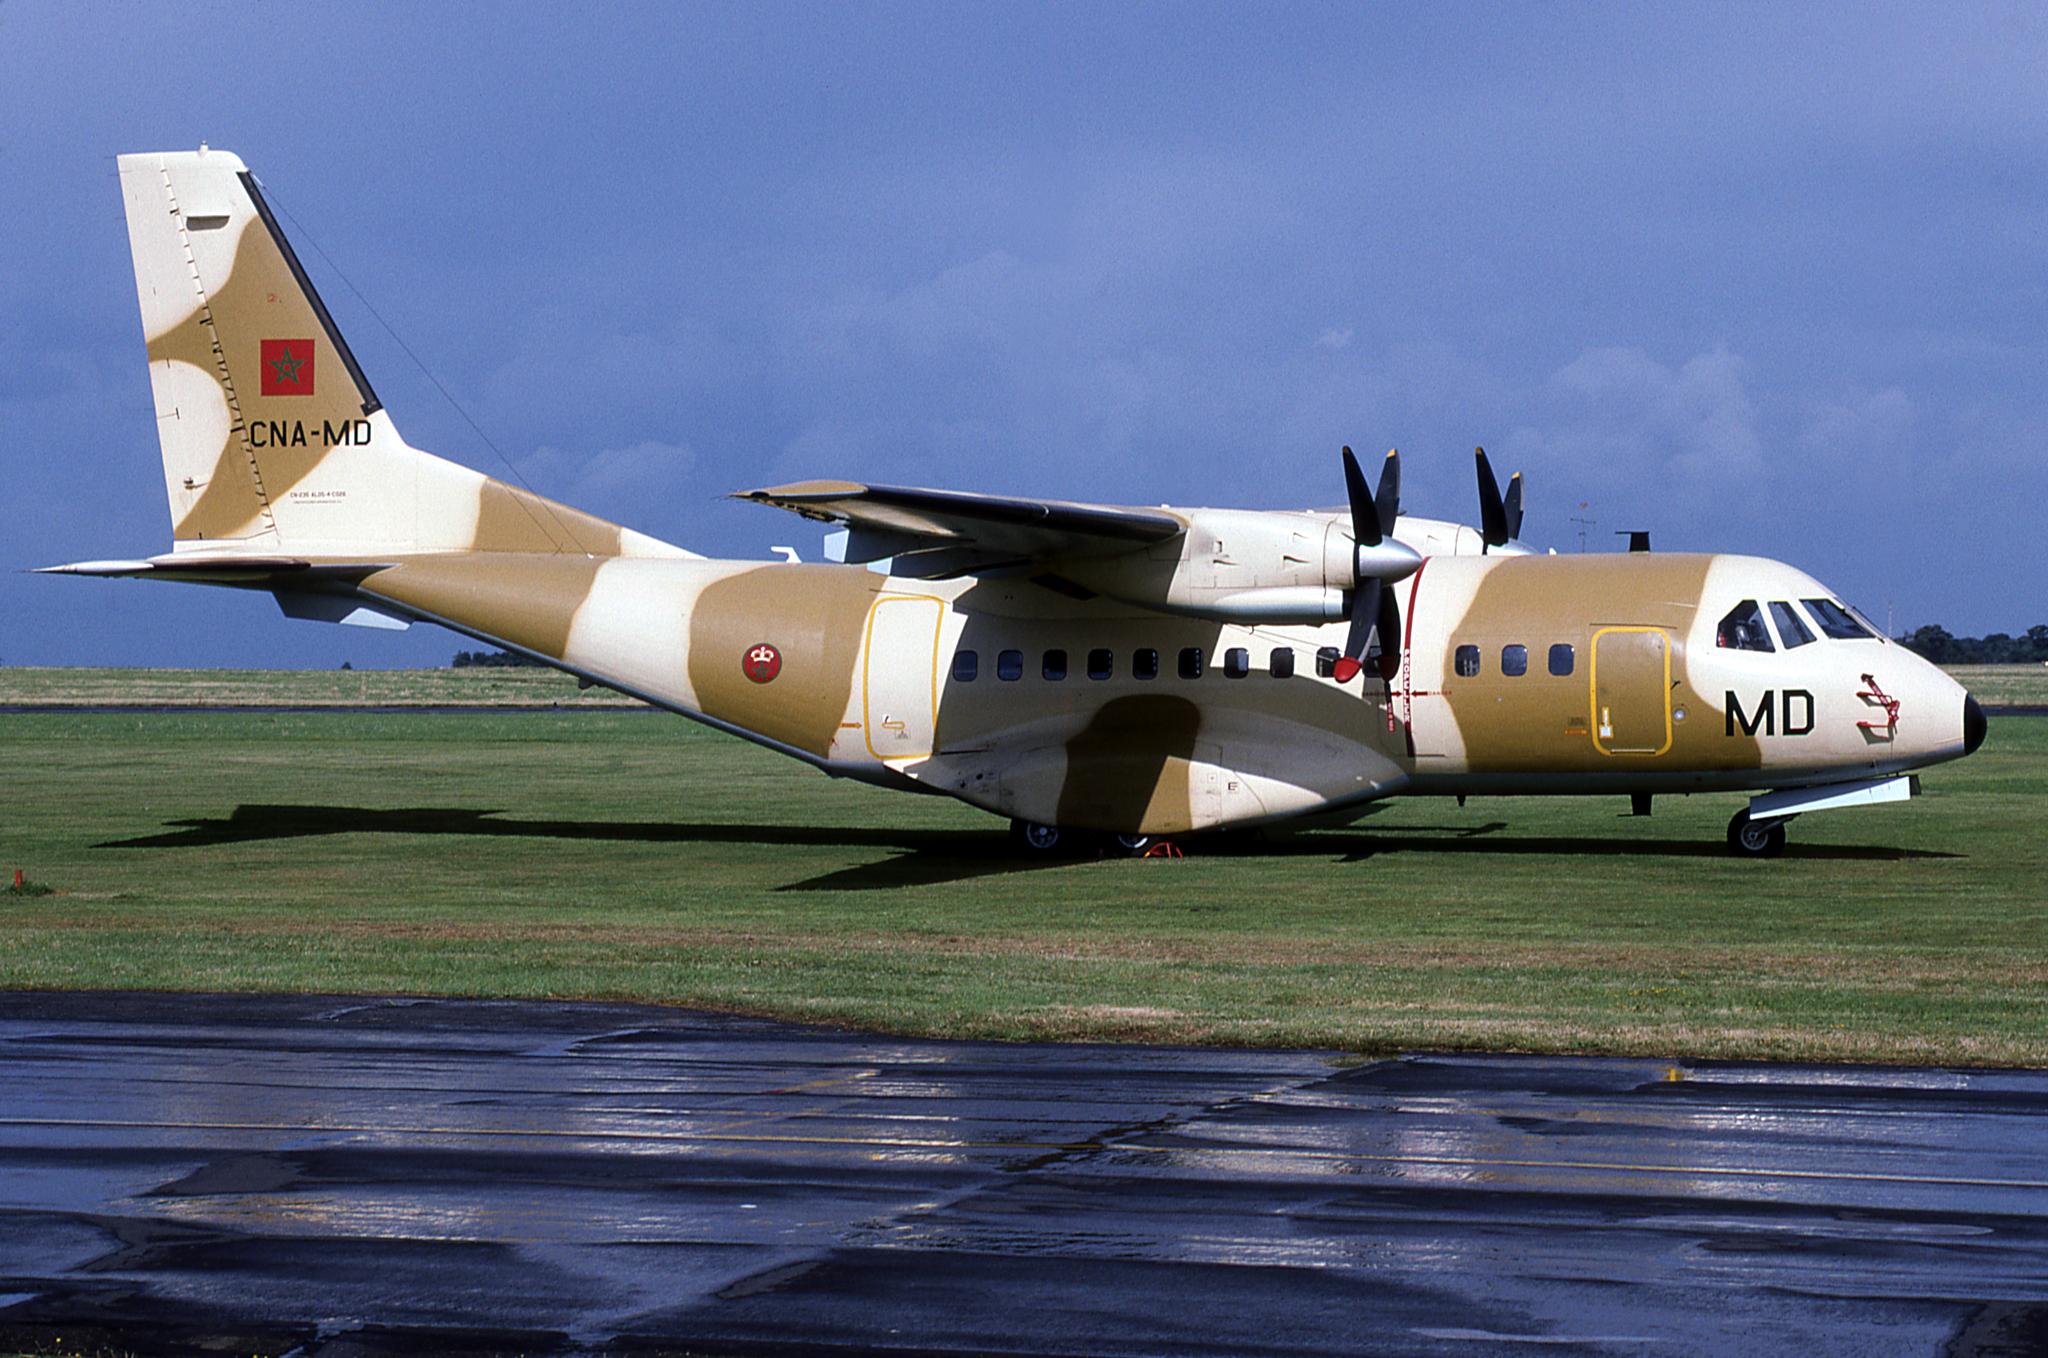 FRA: Photos d'avions de transport - Page 38 46897989255_07f008af54_o